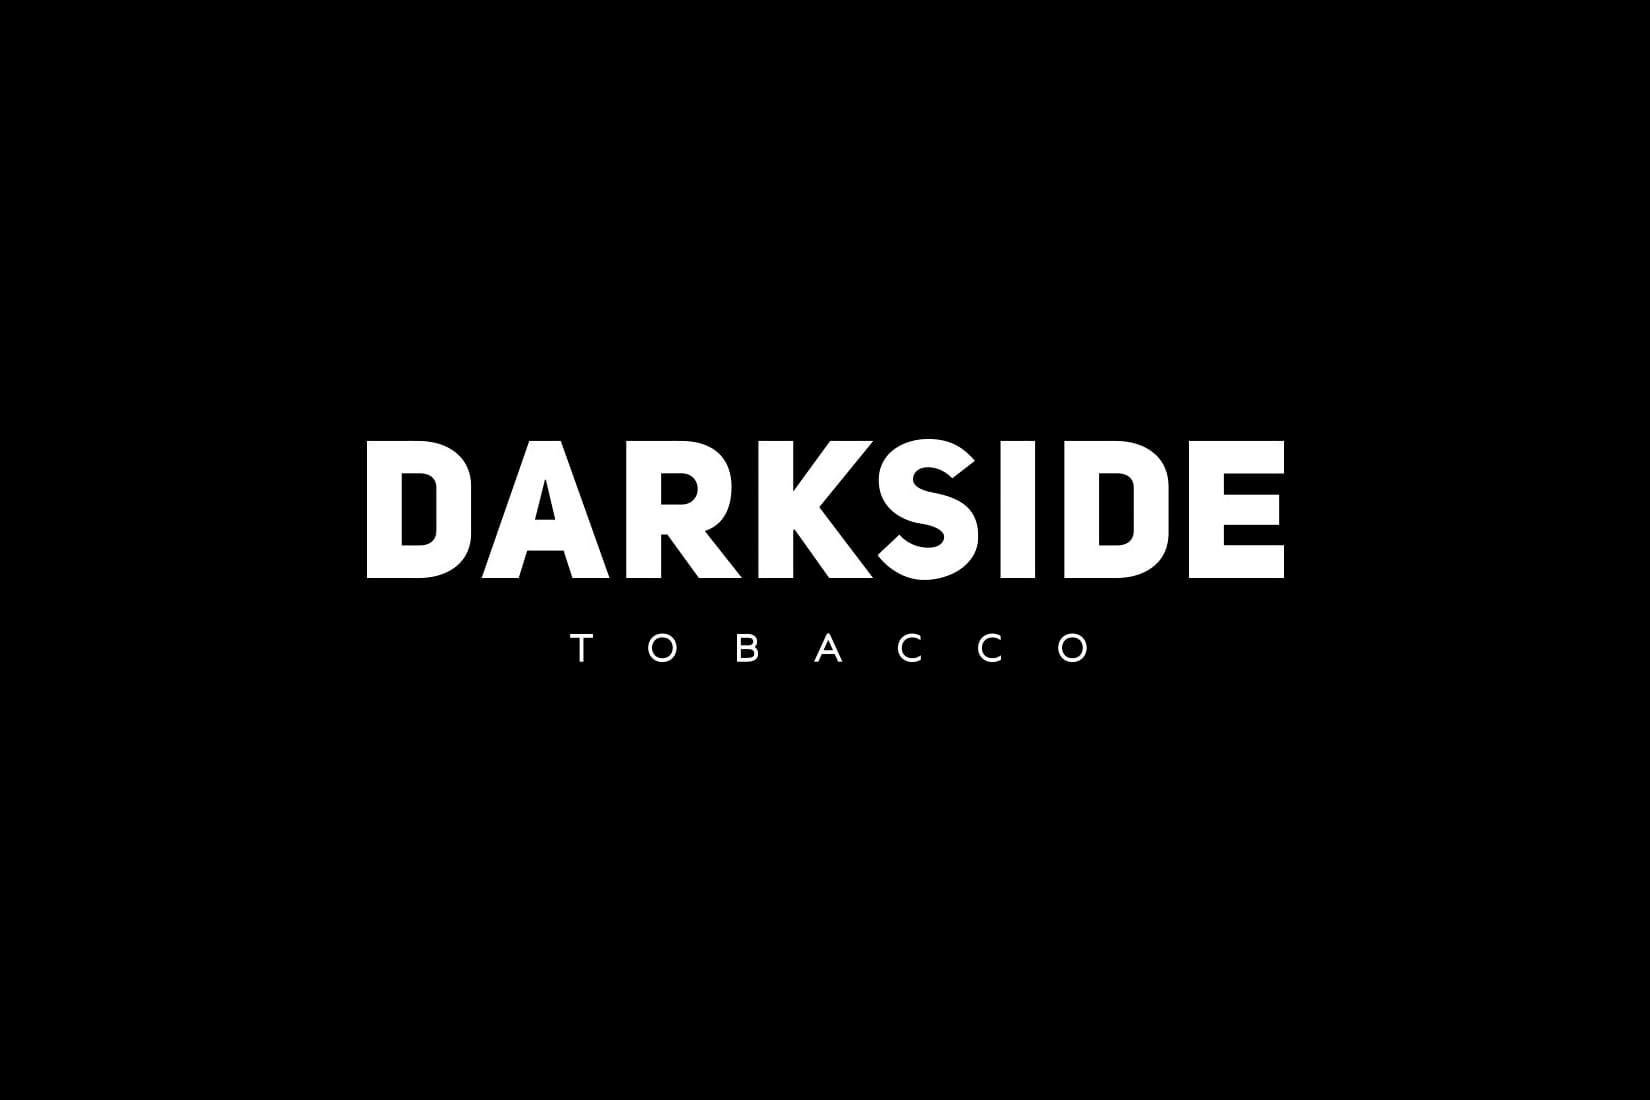 Табак для кальяна DarkSide: описание, вкусы, миксы, отзывы